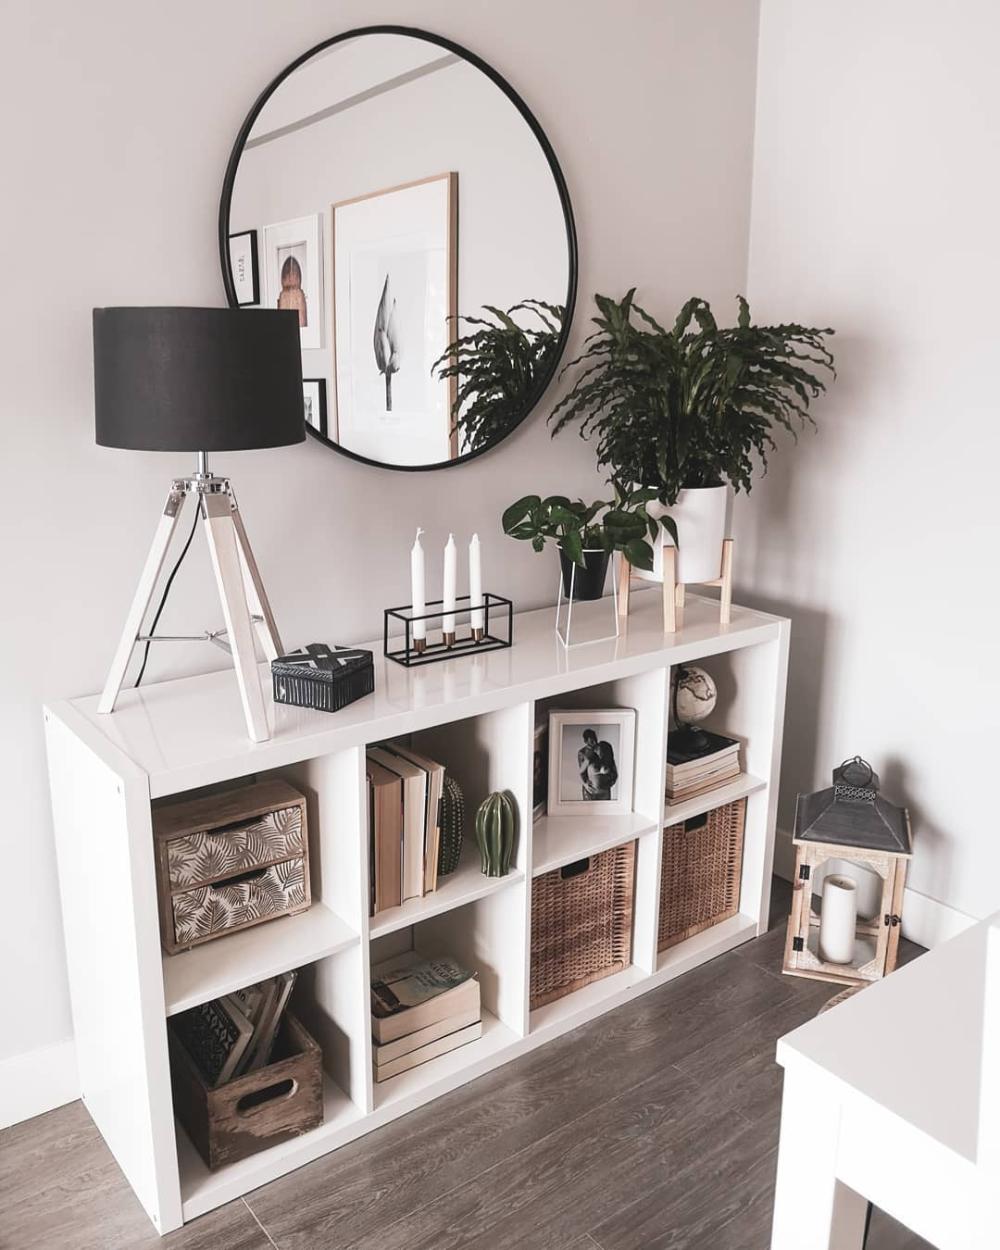 10 decoraciones que son perfectas para tener un cuarto Tumblr